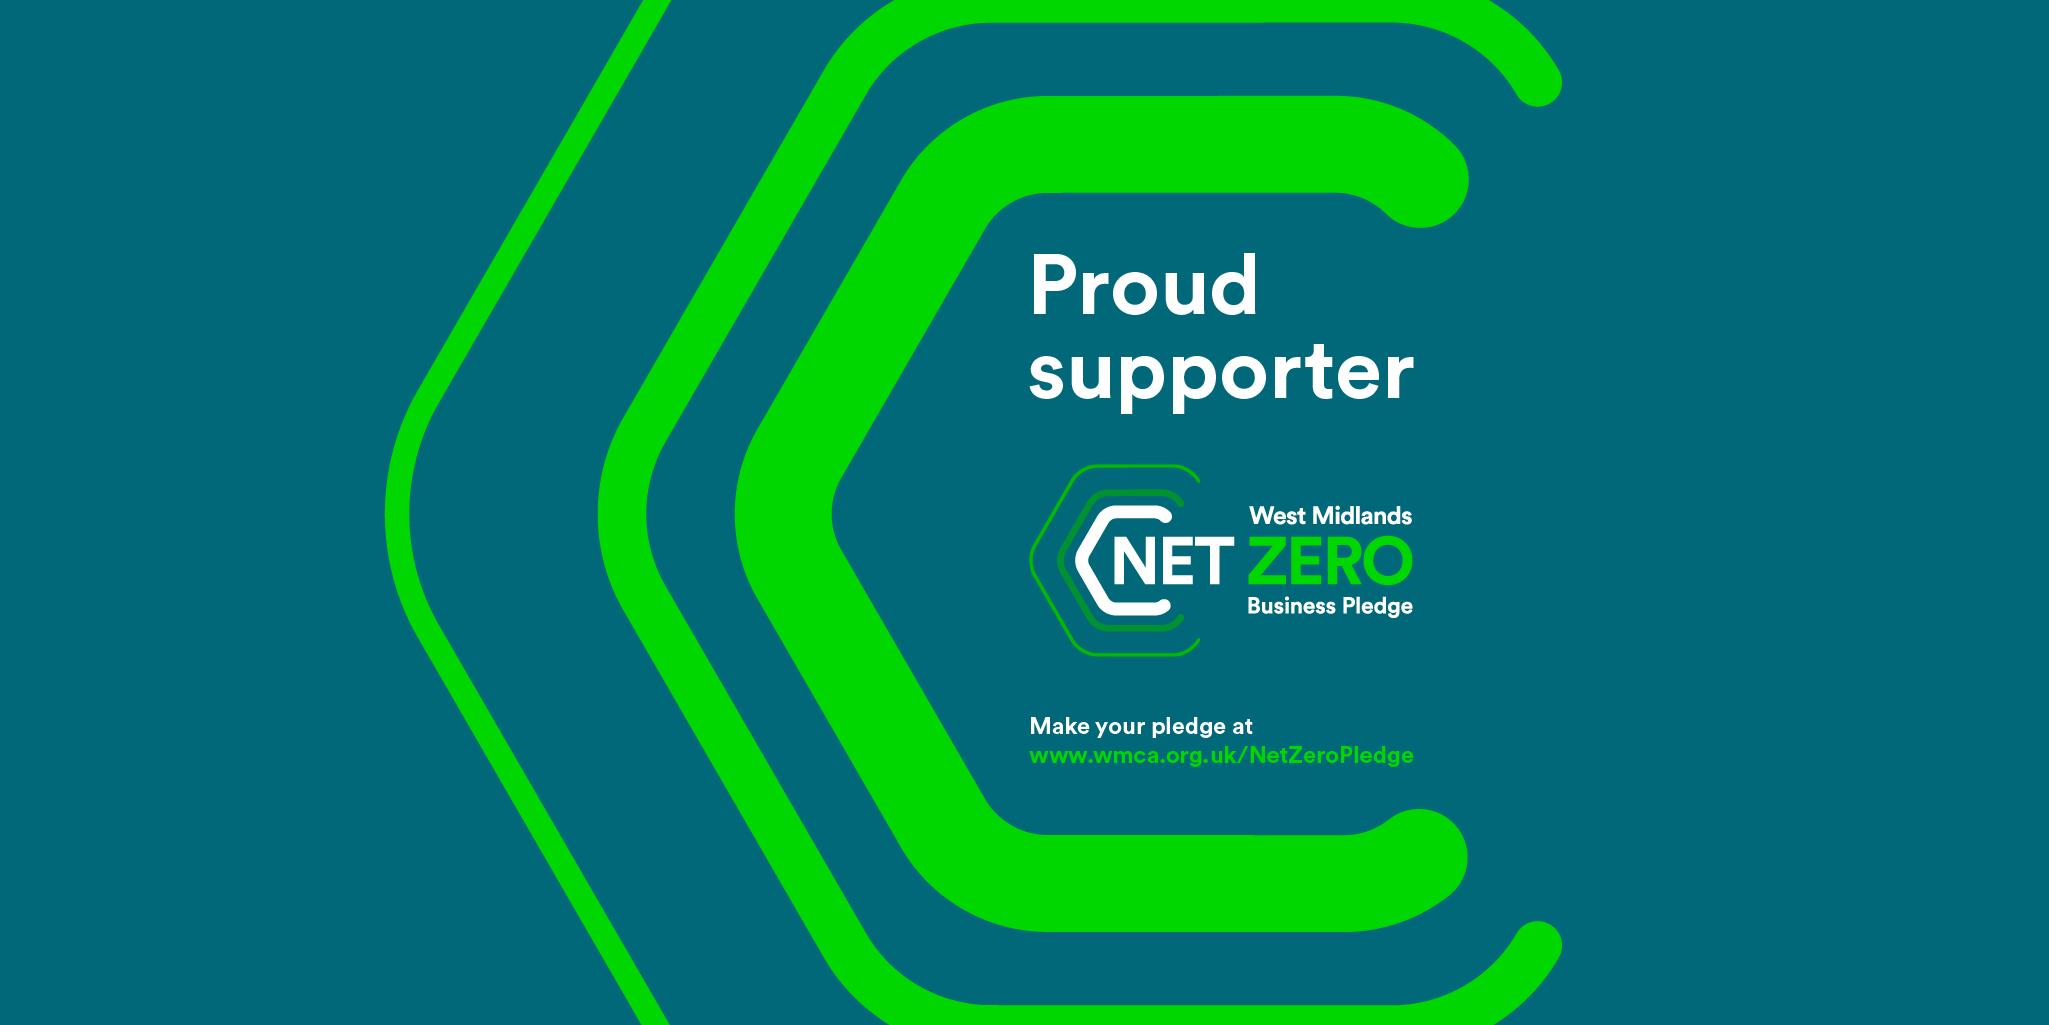 West Midlands Net Zero Business Pledge